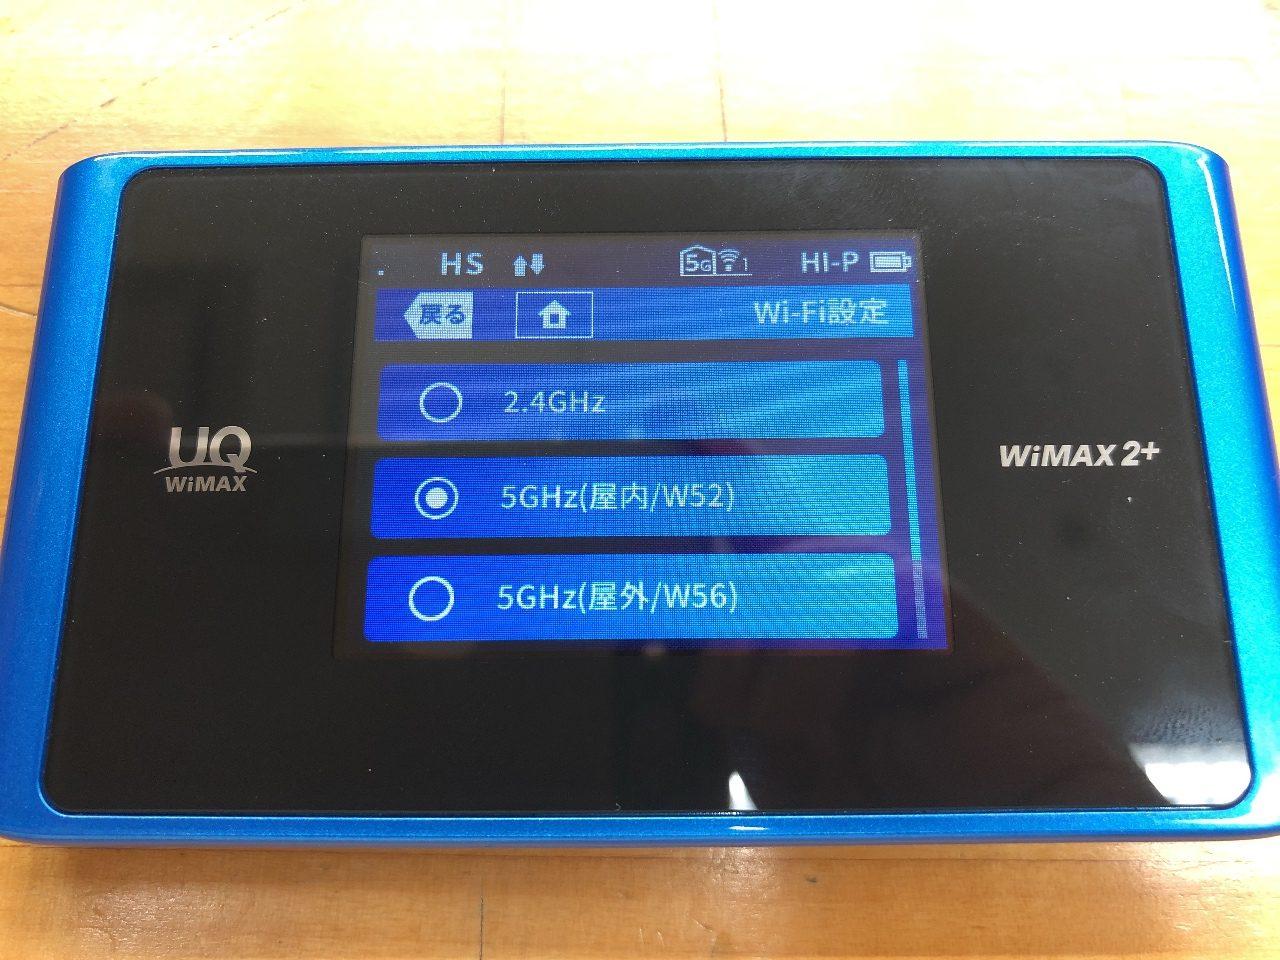 モバイルWi-Fiルータ WiMAX(ワイマックス) 2.4GHz 5GHz(屋内) 5GHz(屋外) 周波数の違いと利用方法